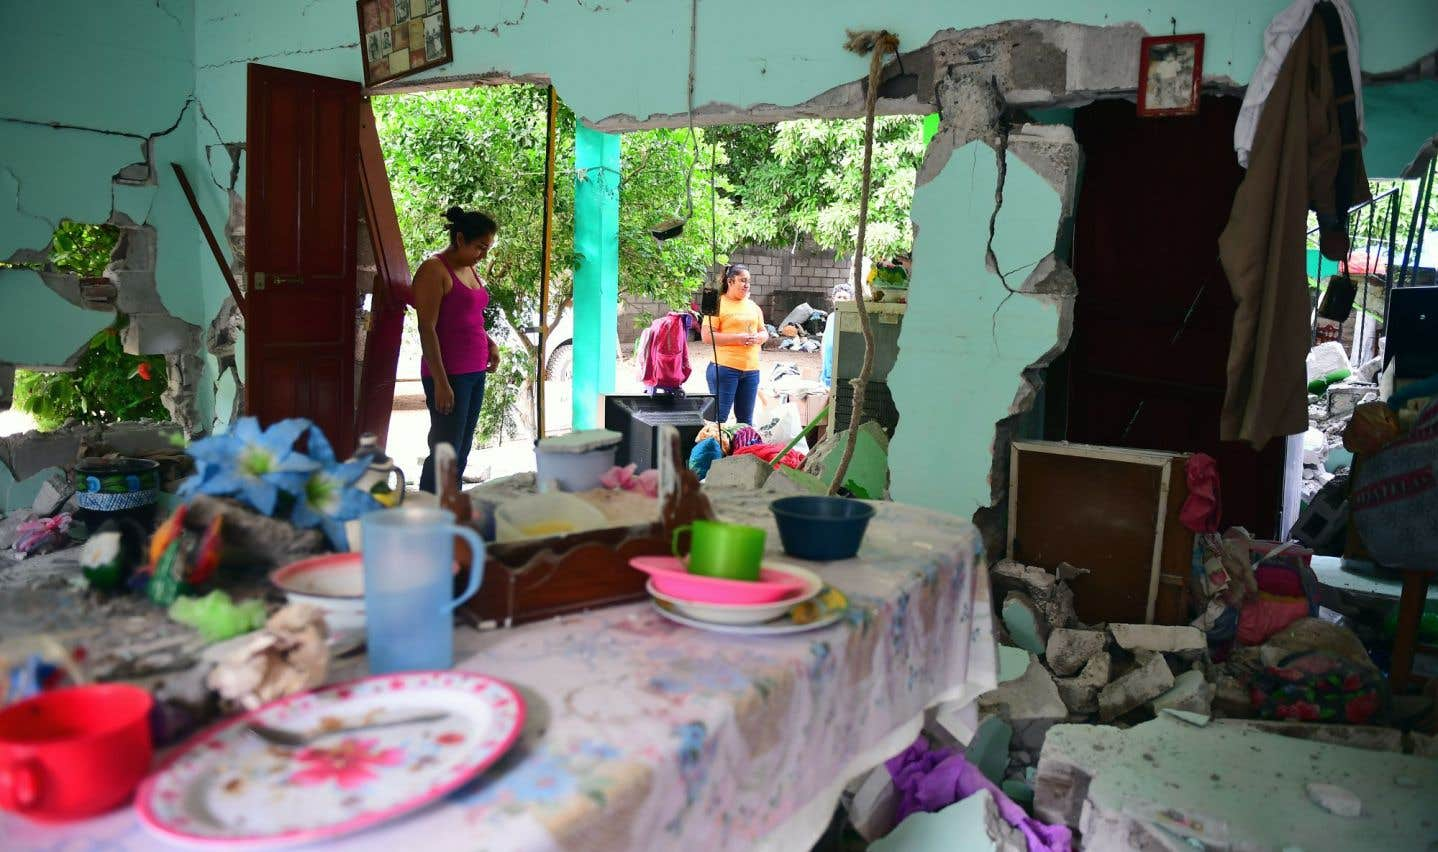 Une maison endommagée après le séisme qui a violemment frappé la ville de Juchitan de Zaragoza